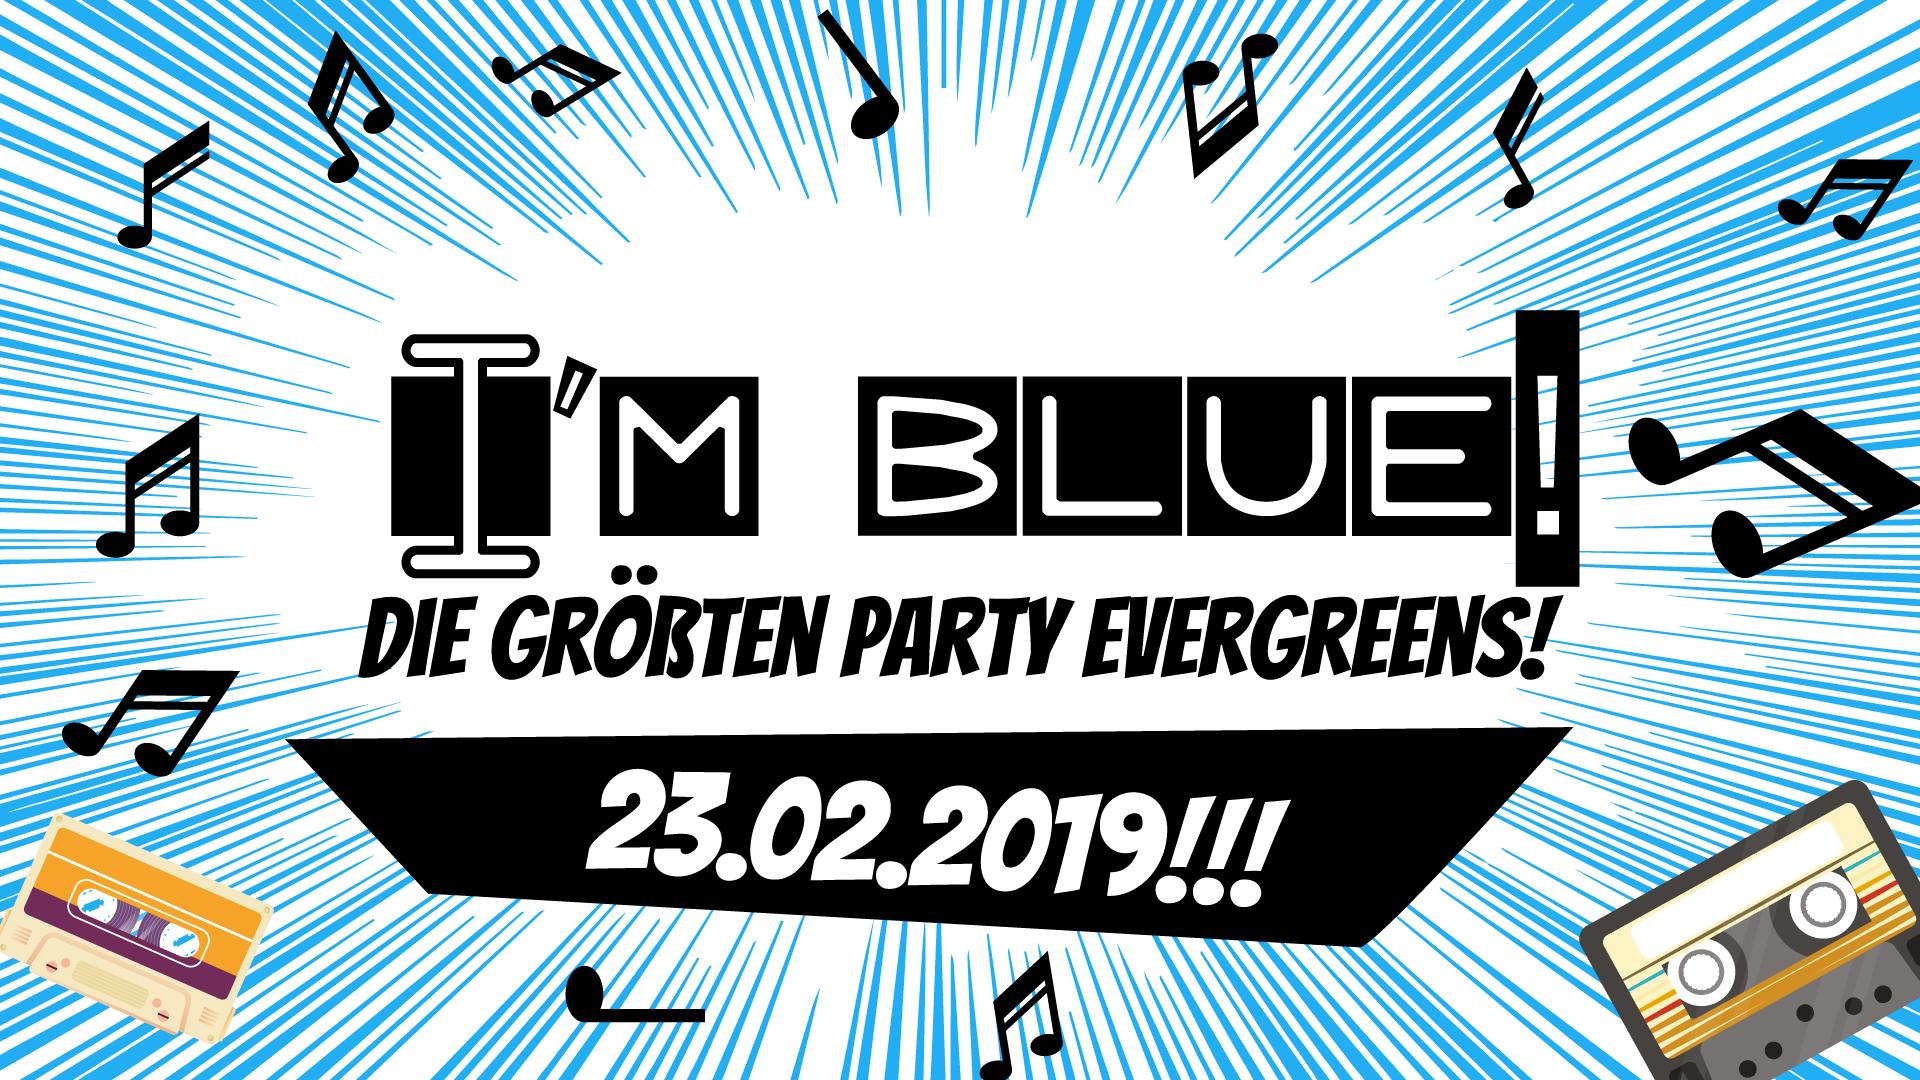 I'm-blue!